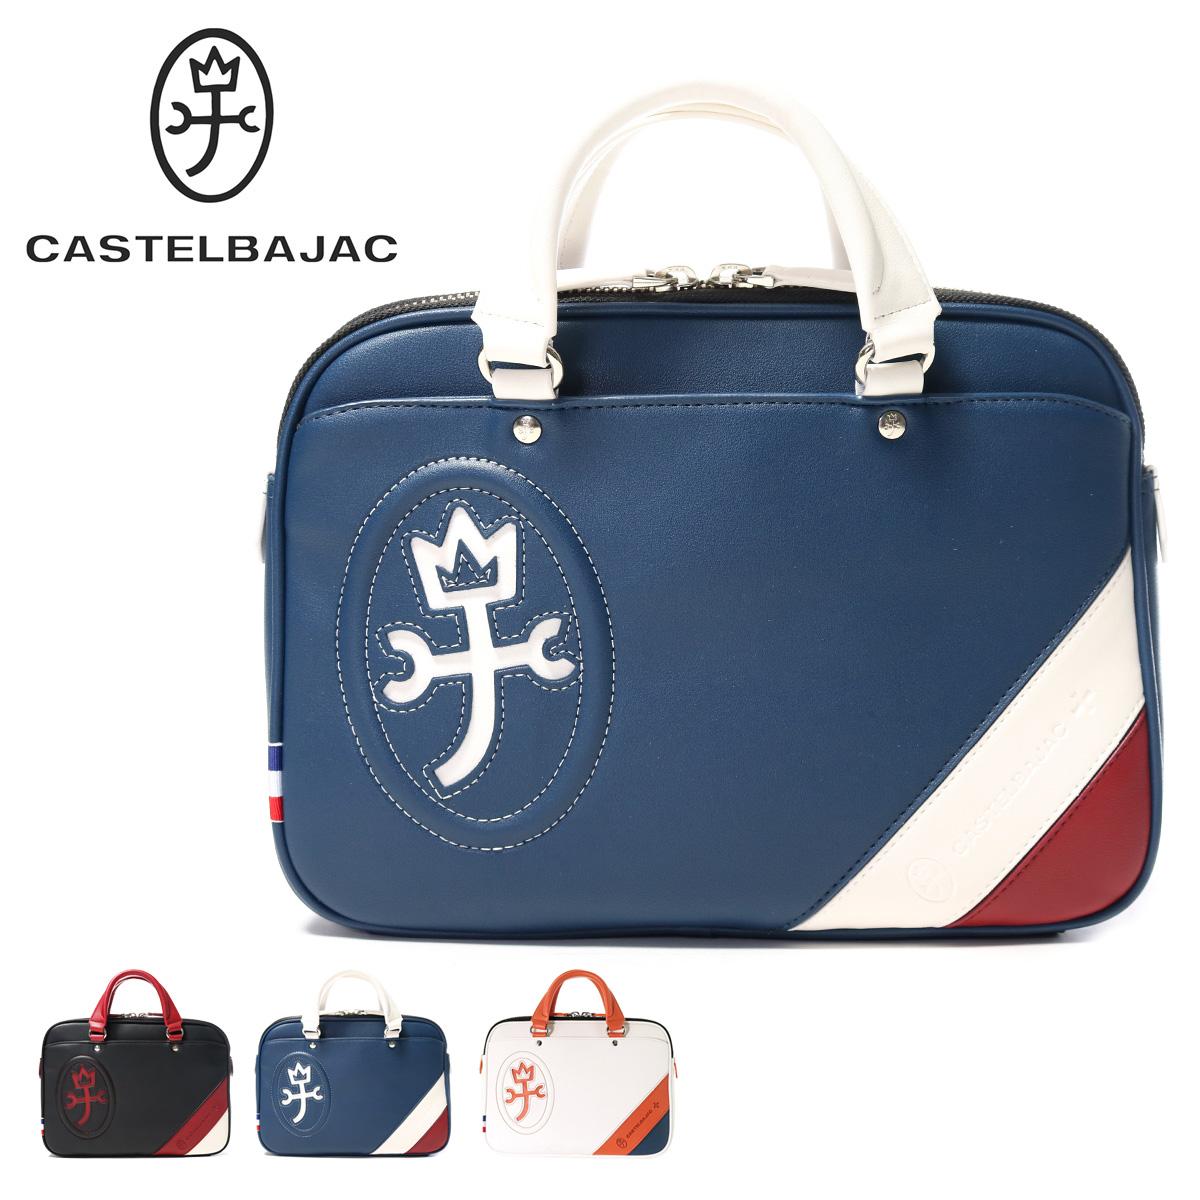 カステルバジャック ブリーフケース メンズ ユゴー 047511 CASTELBAJAC ミニブリーフ ハンドバッグ